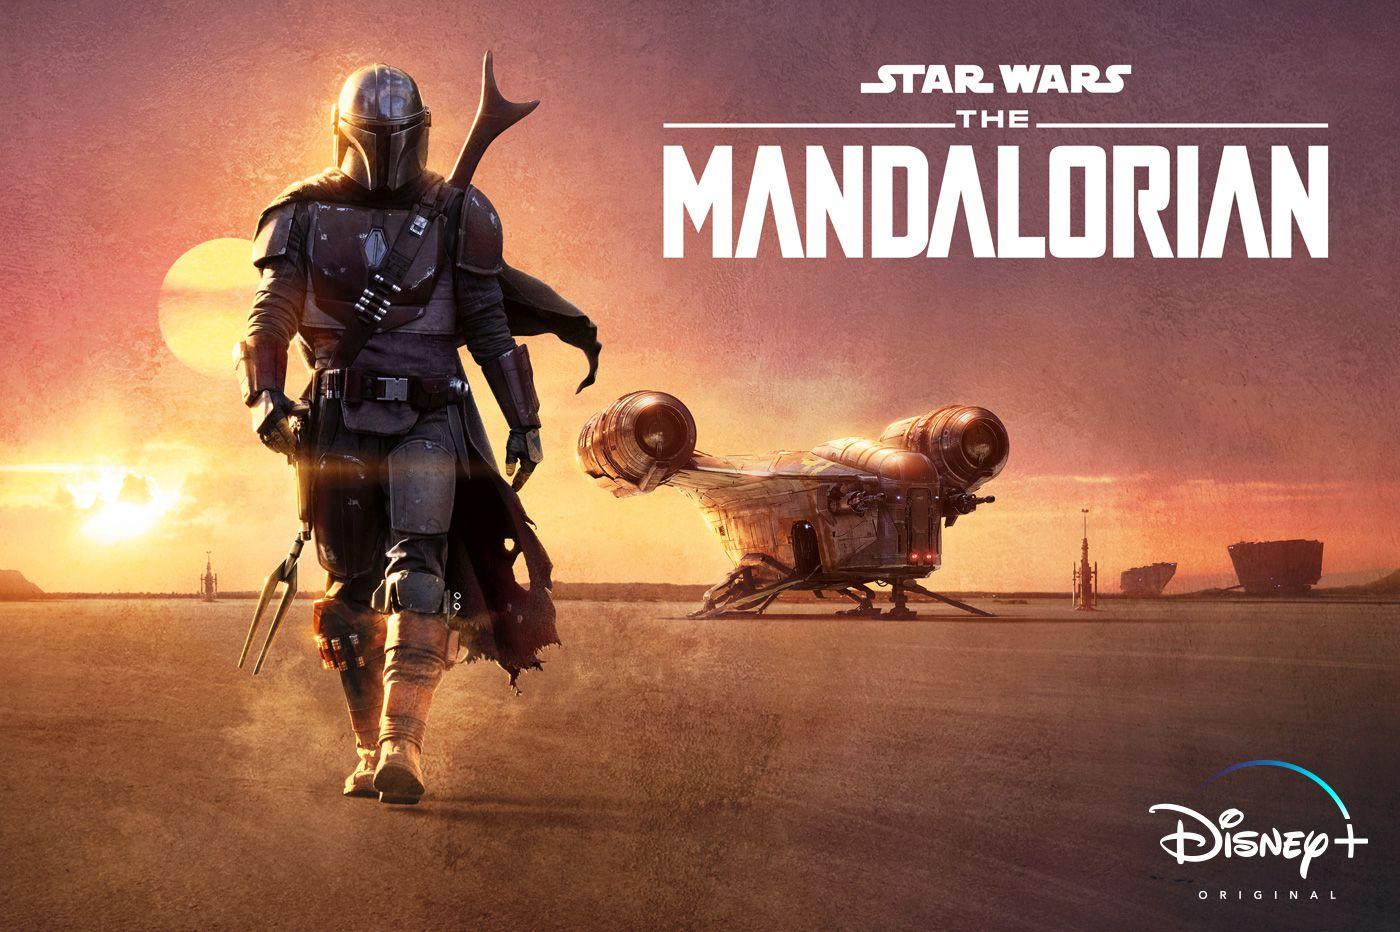 Très beau succès d'audience pour l'épisode 1 de The Mandalorian diffusé en clair mardi sur Canal+, C8 et CStar.